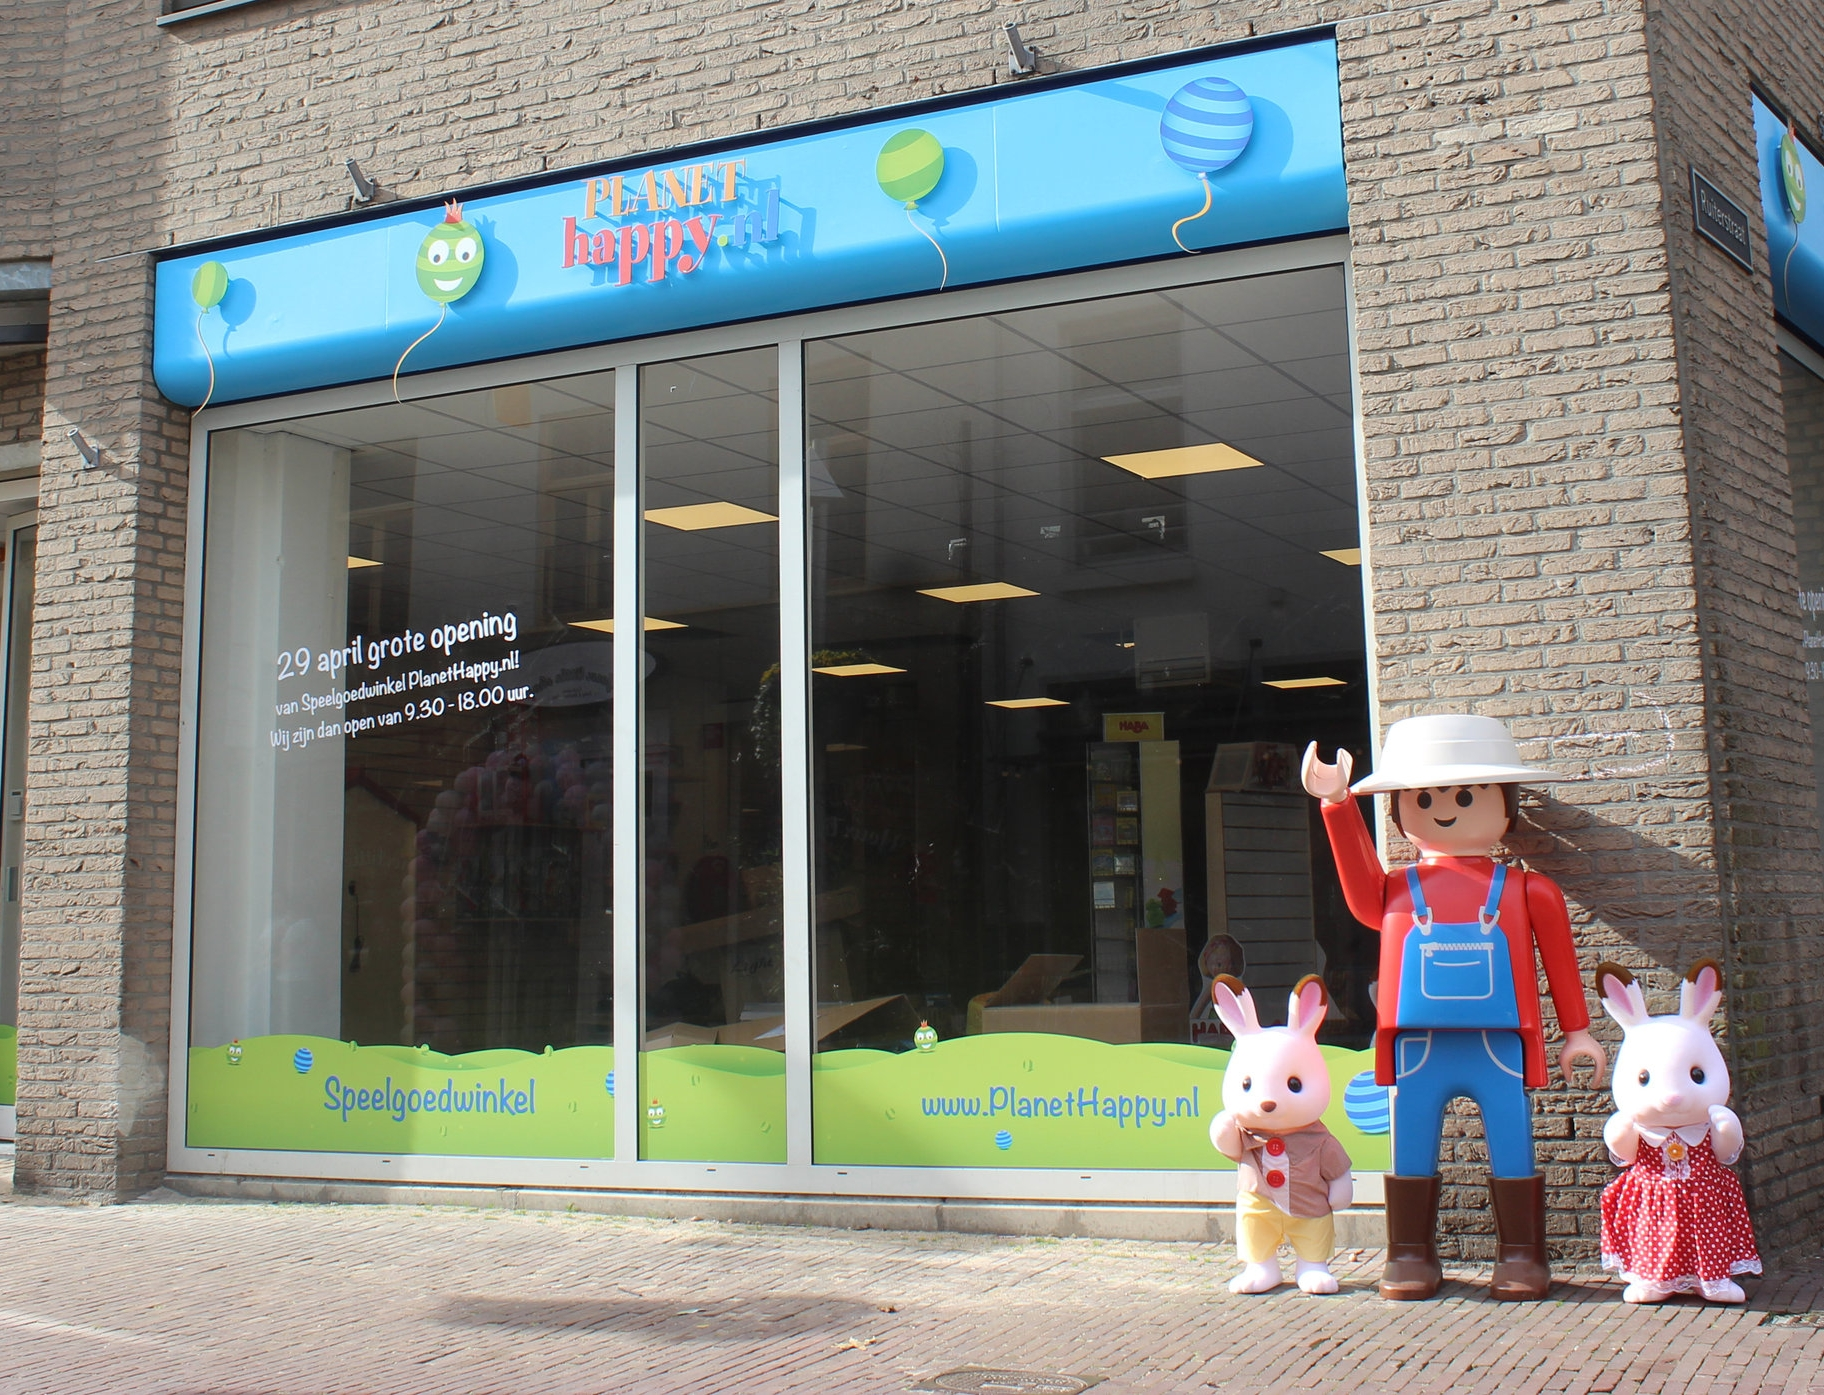 Planet Happy - Planet Happy is een speelgoedwinkel vol beleving en kwaliteitsspeelgoed in centrum Arnhem. er kan rustig rondgekeken worden in ons brede assortiment met onder andere merken als BRIO, Haba, Djeco en Plantoys. Hier vindt je altijd iets leuks voor ieder kind!www.plannethappy.nl